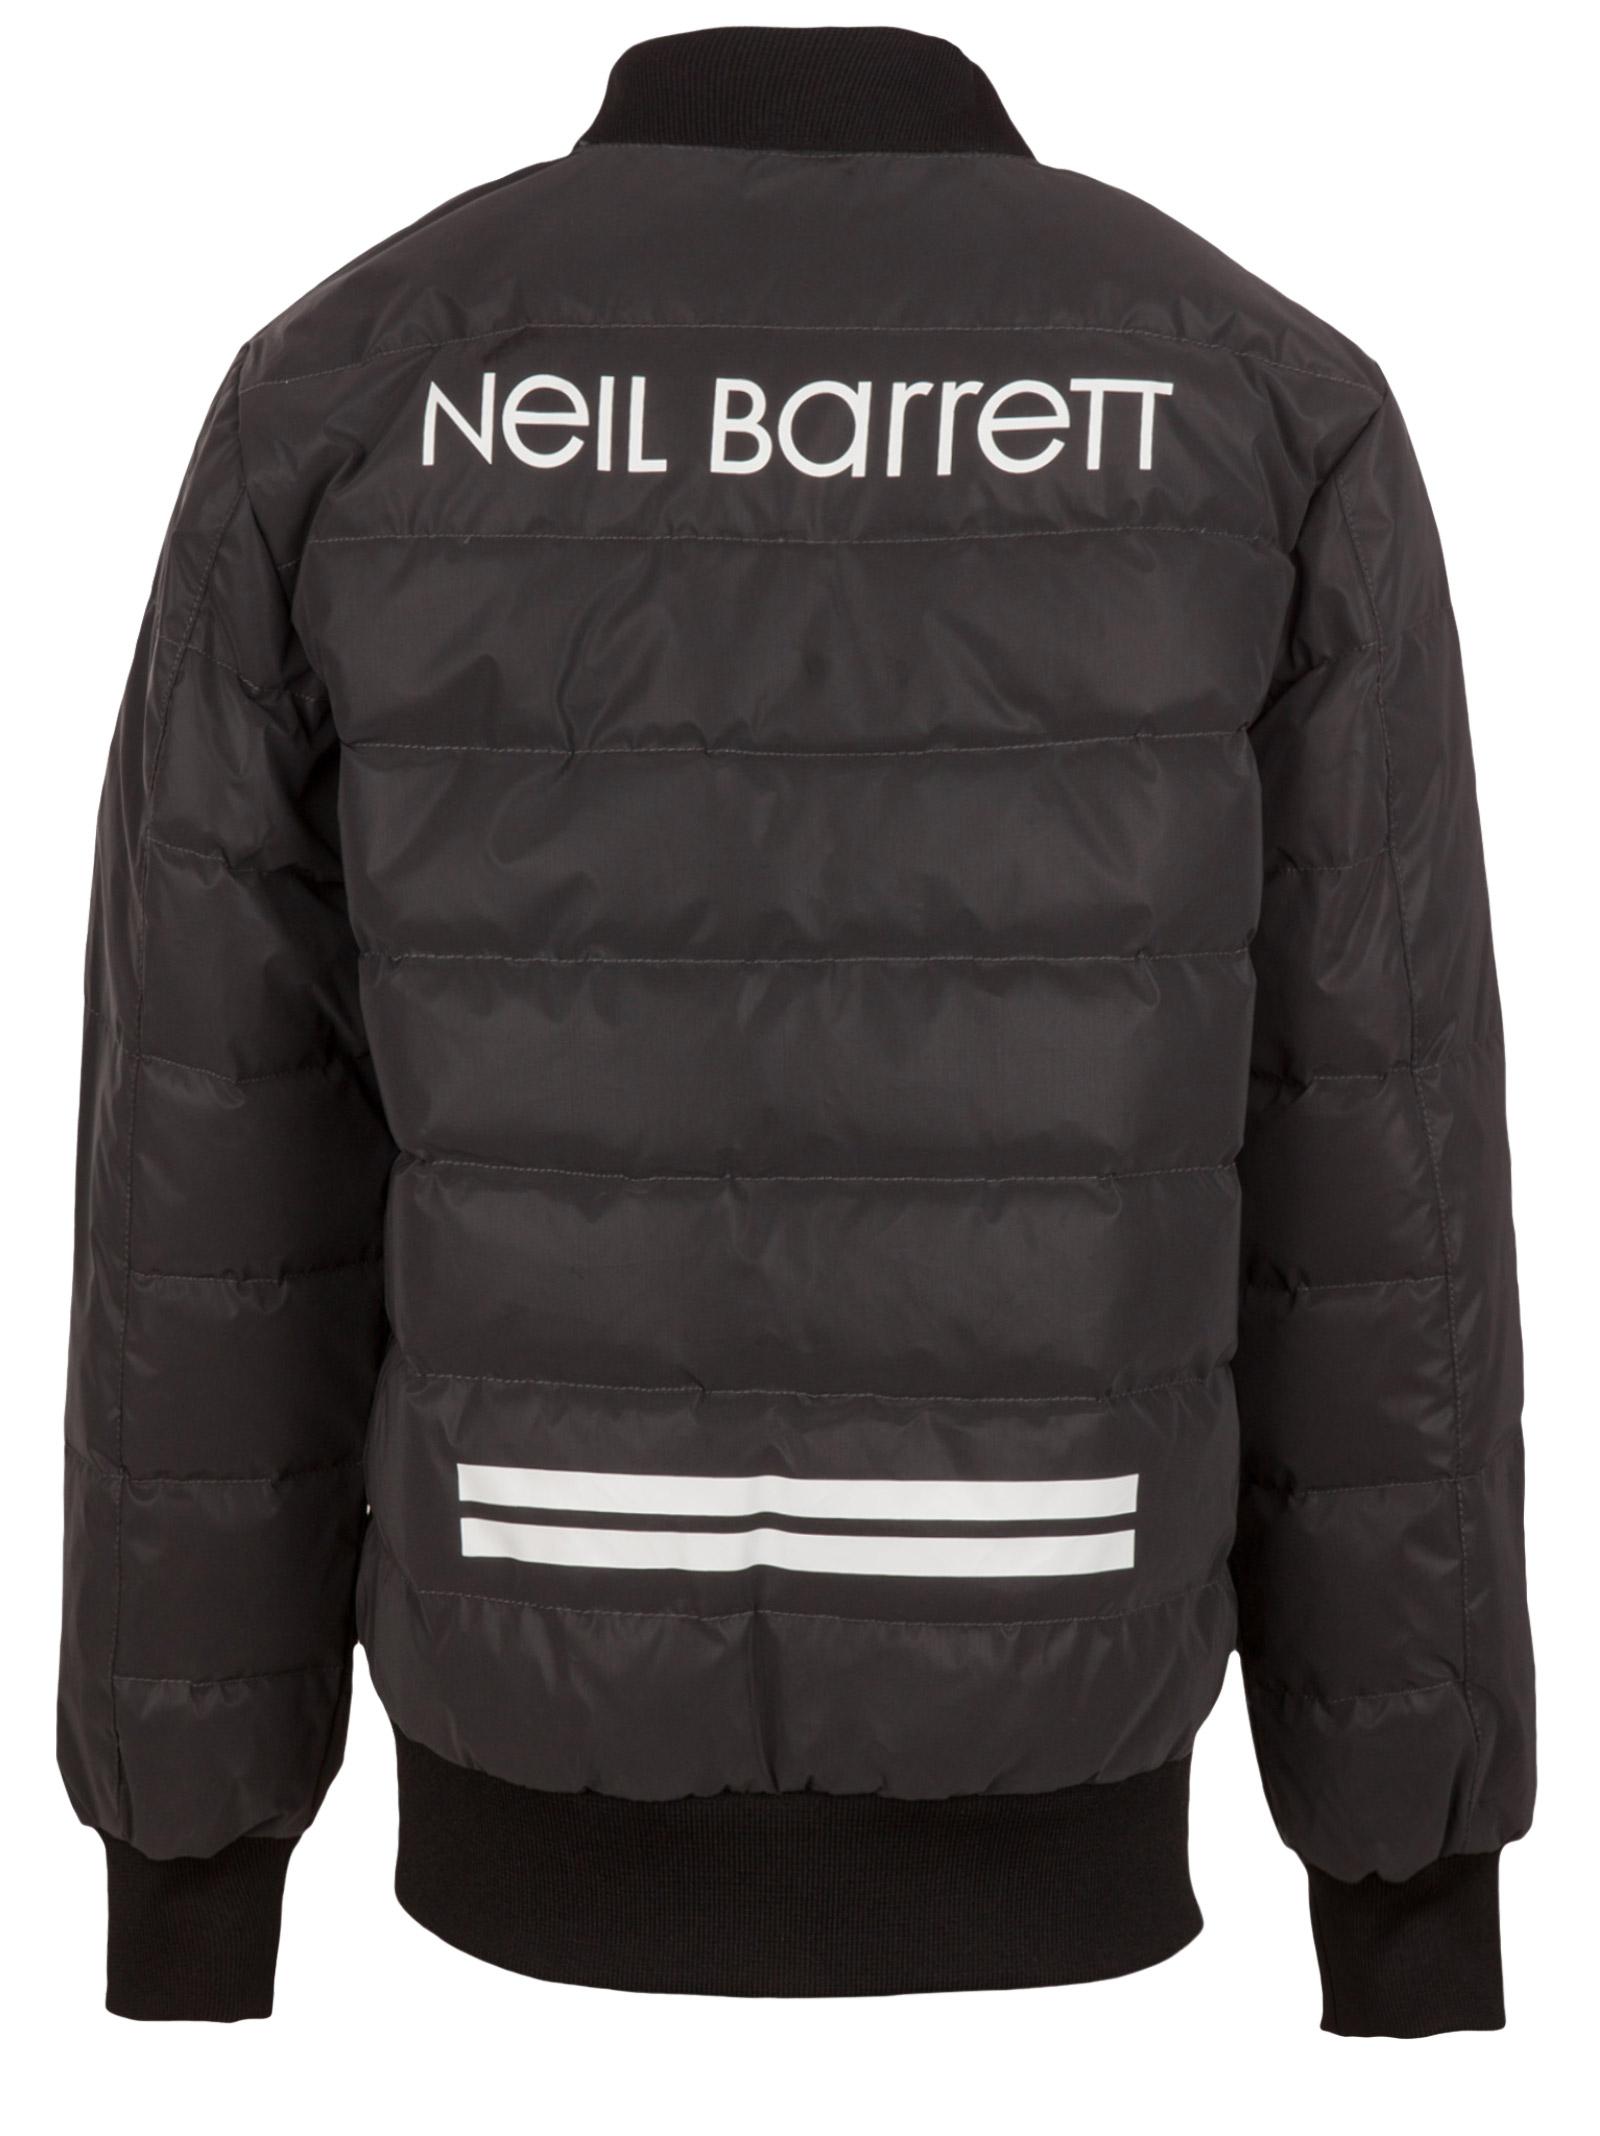 Neil Barrett Kids down jacket